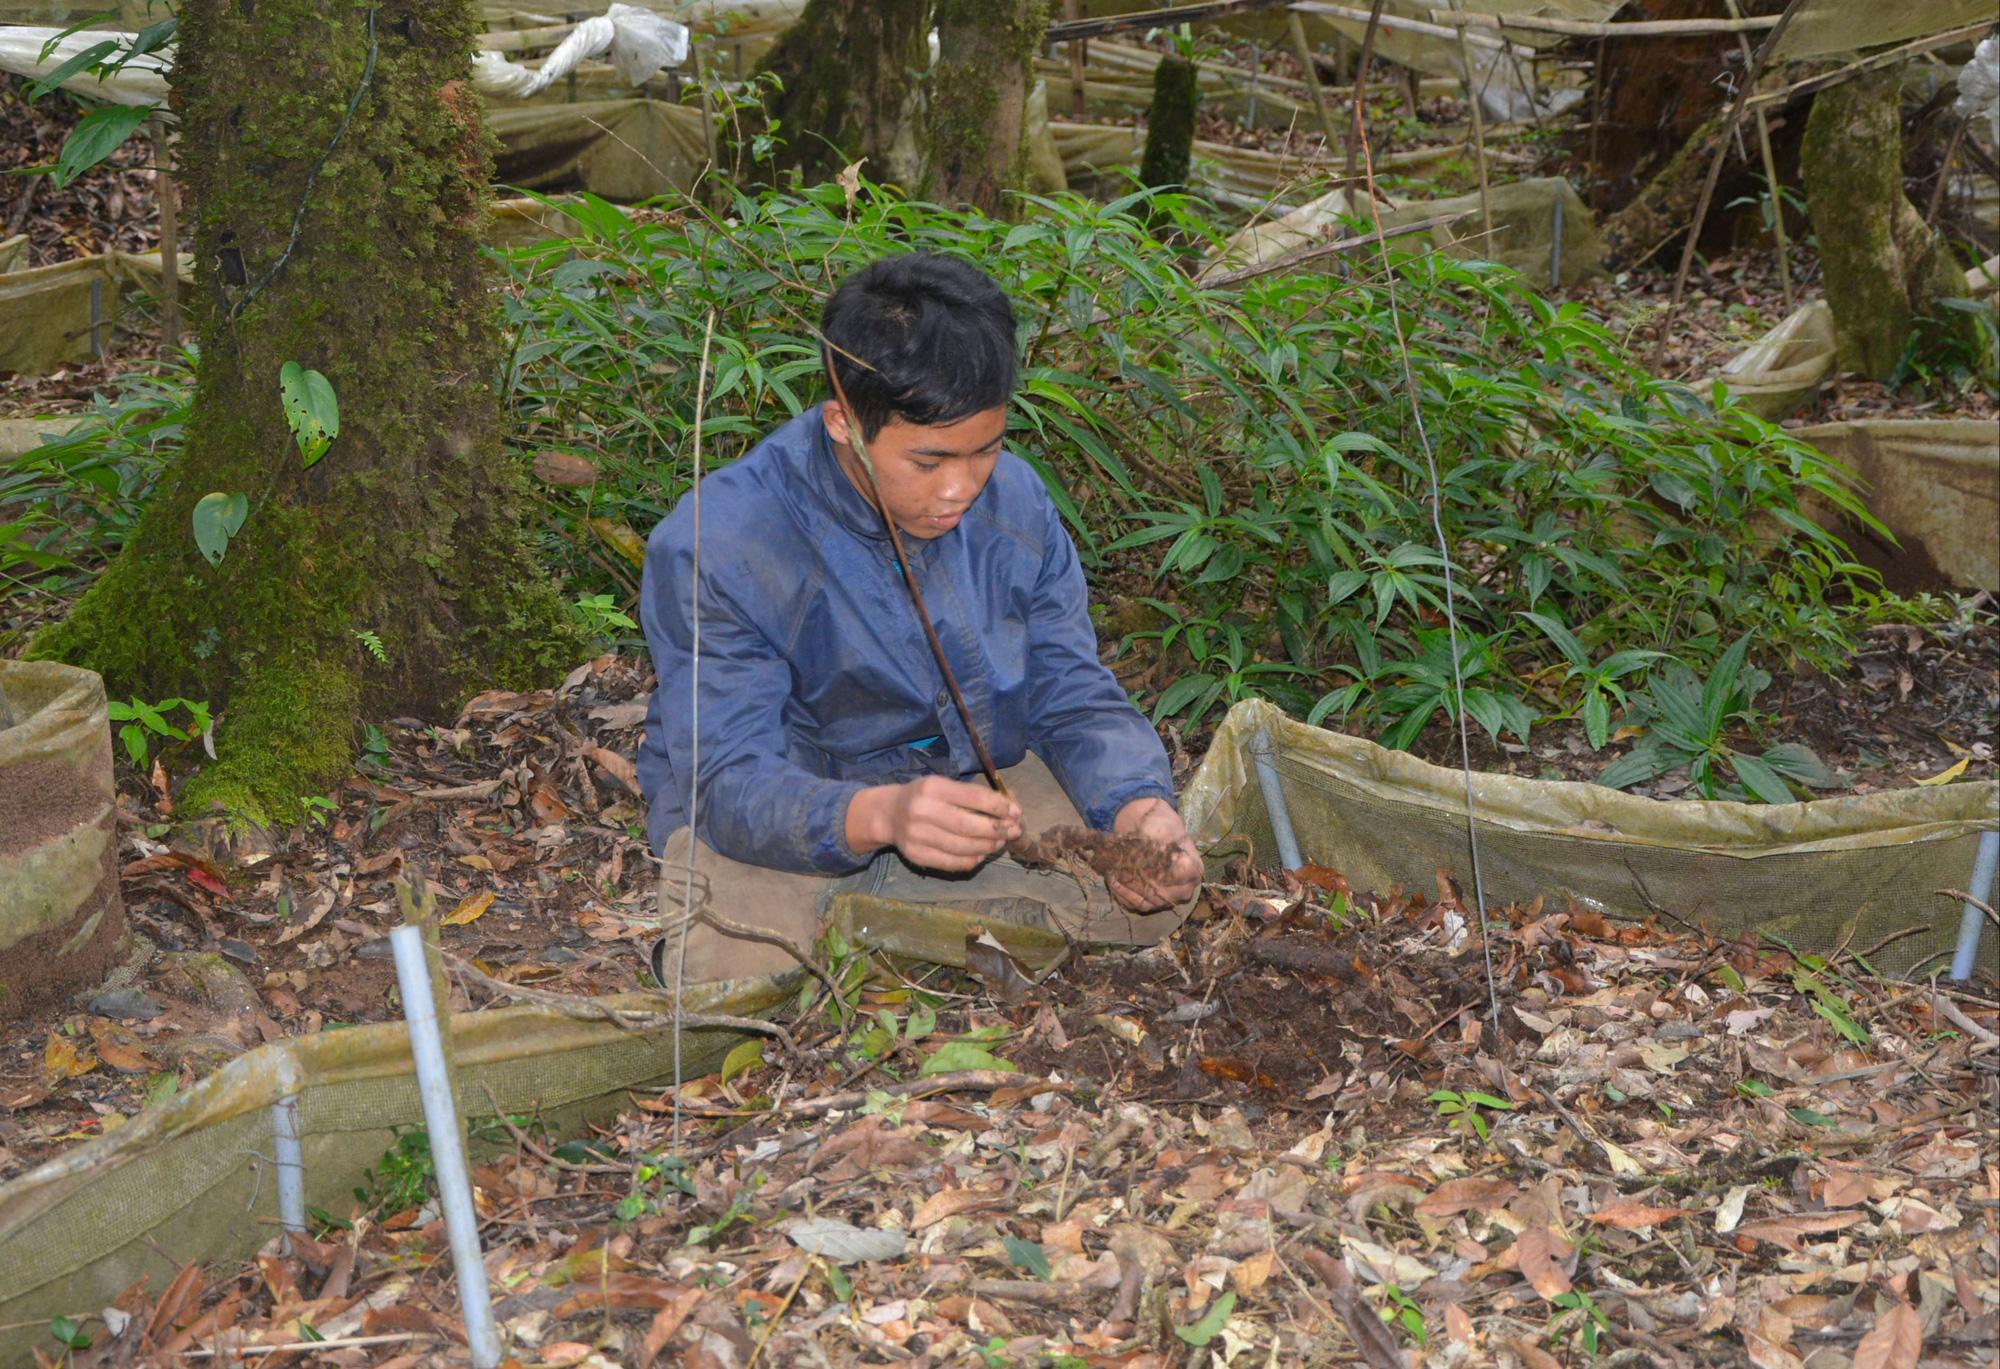 """Kon Tum: Lên núi âm u """"lạc"""" vào rừng sâm quý hiếm, nhìn không thấy gì, bới lớp đất ra là cả gia tài lớn - Ảnh 2."""